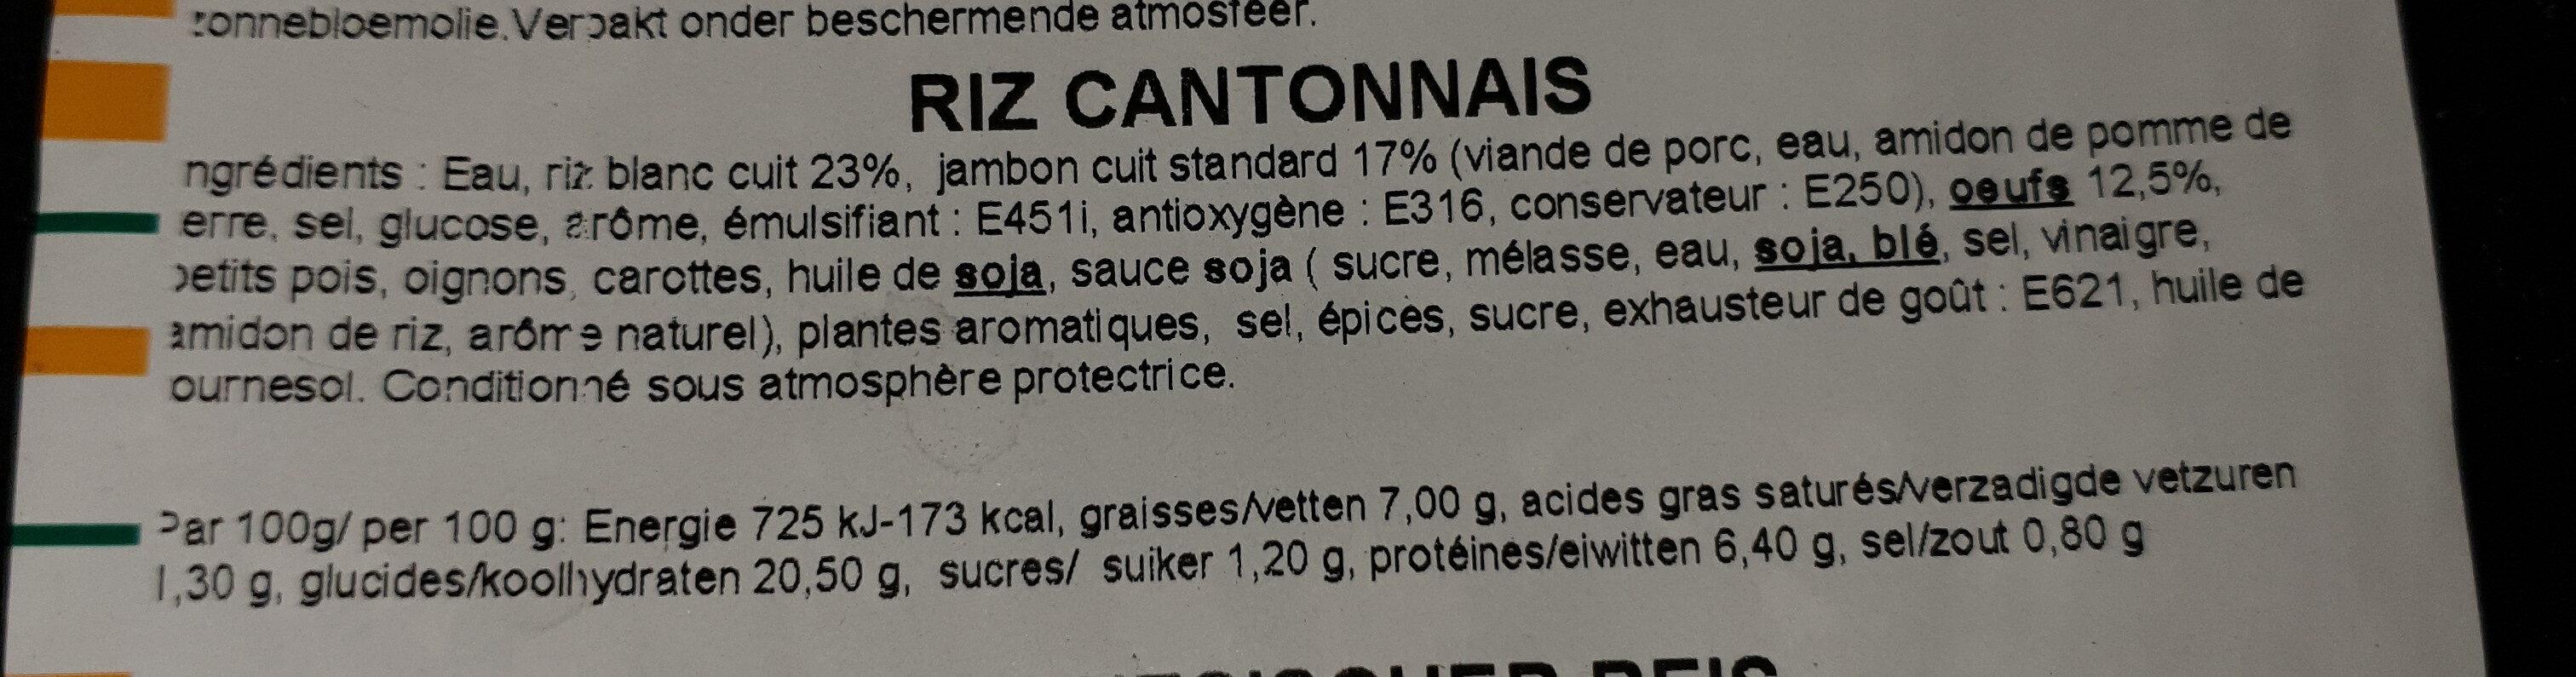 riz cantonnais - Ingrédients - fr